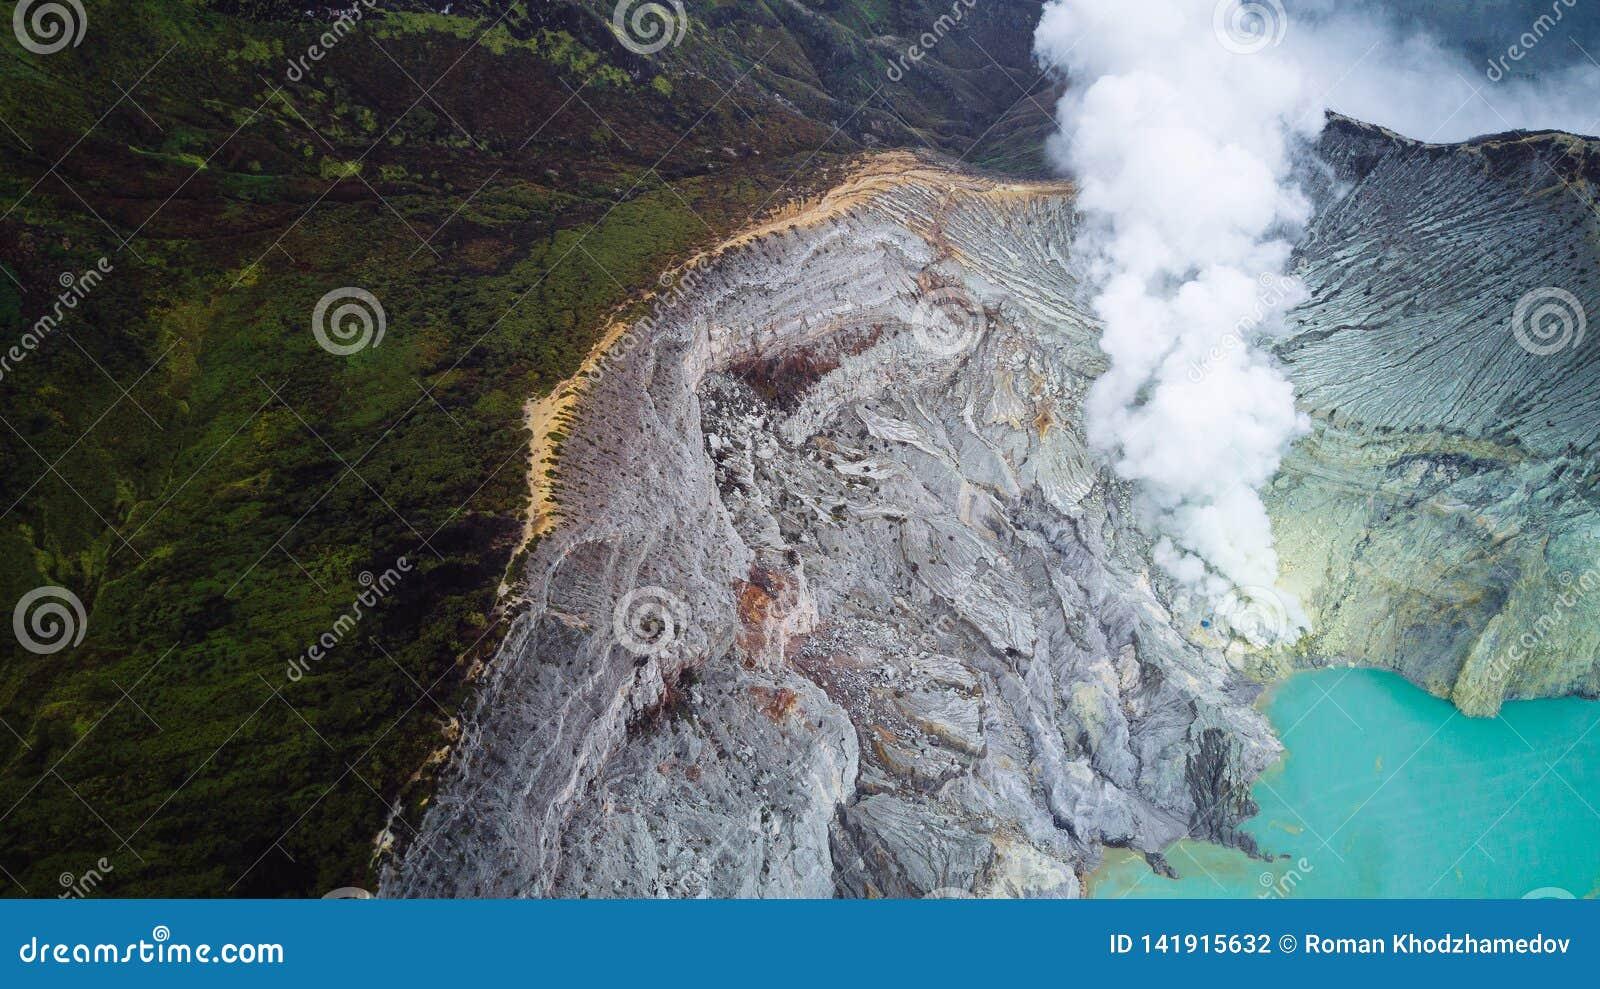 Luchtfoto van vulkaan Ijen in Oost-Java, Indonesië Zuurrijk kratermeer met turkoois zwavelachtig water